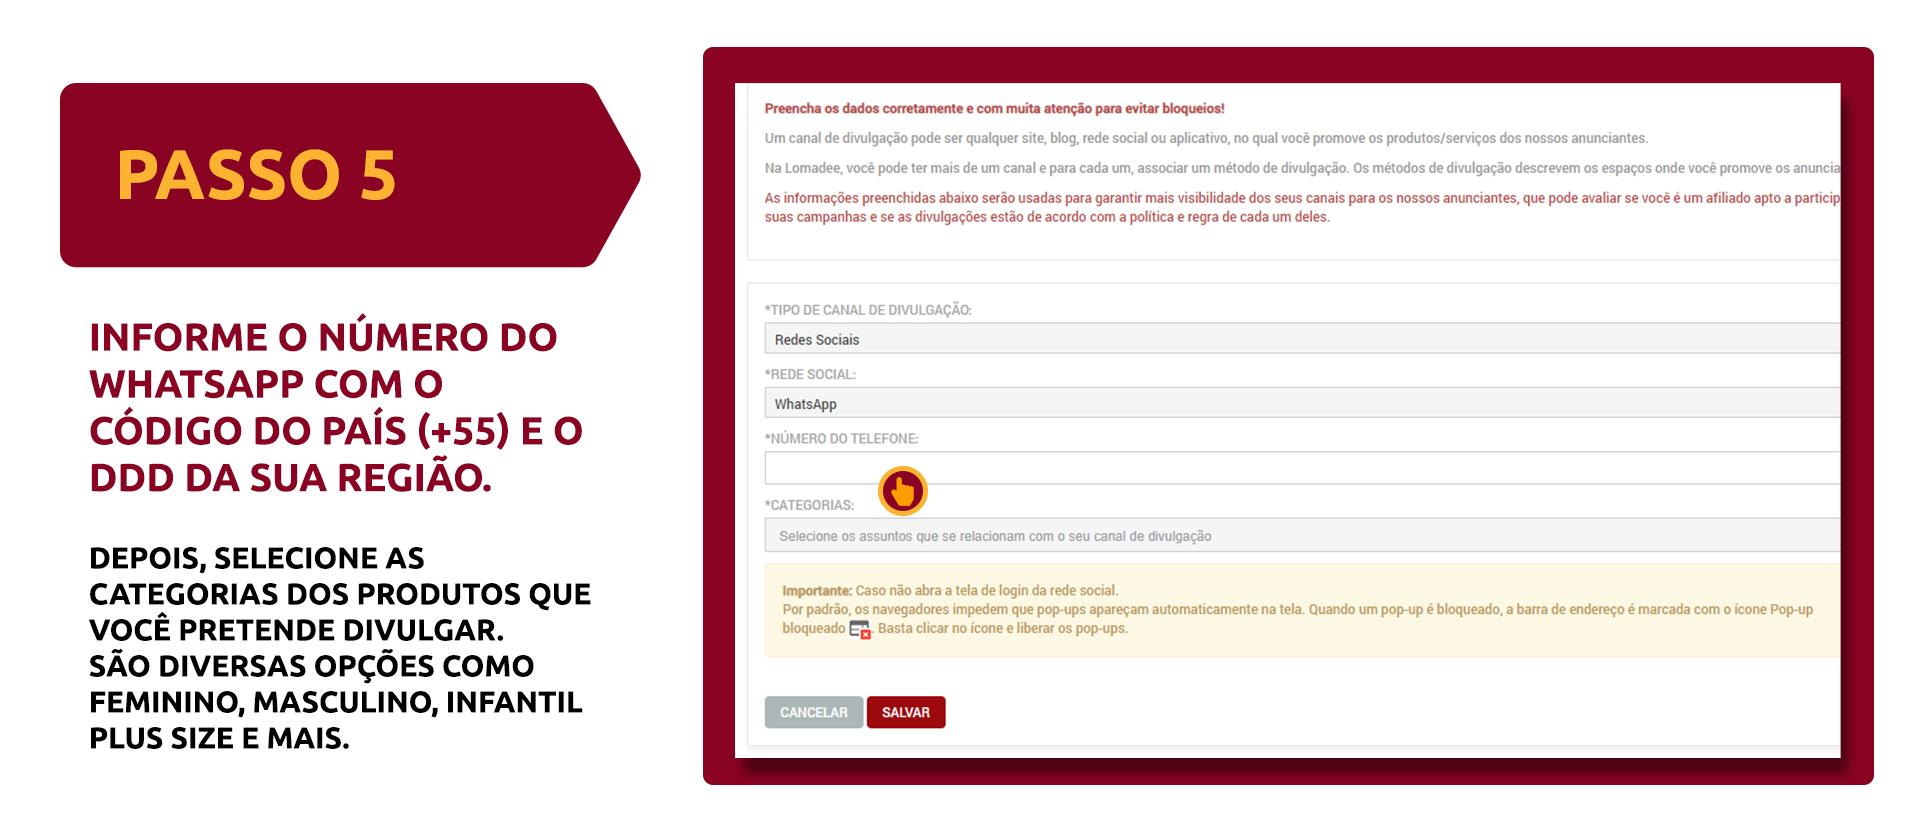 Informe o número do WhatsApp com código do país e ddd, depois selecione as categorias de produtos que pretende divulgar